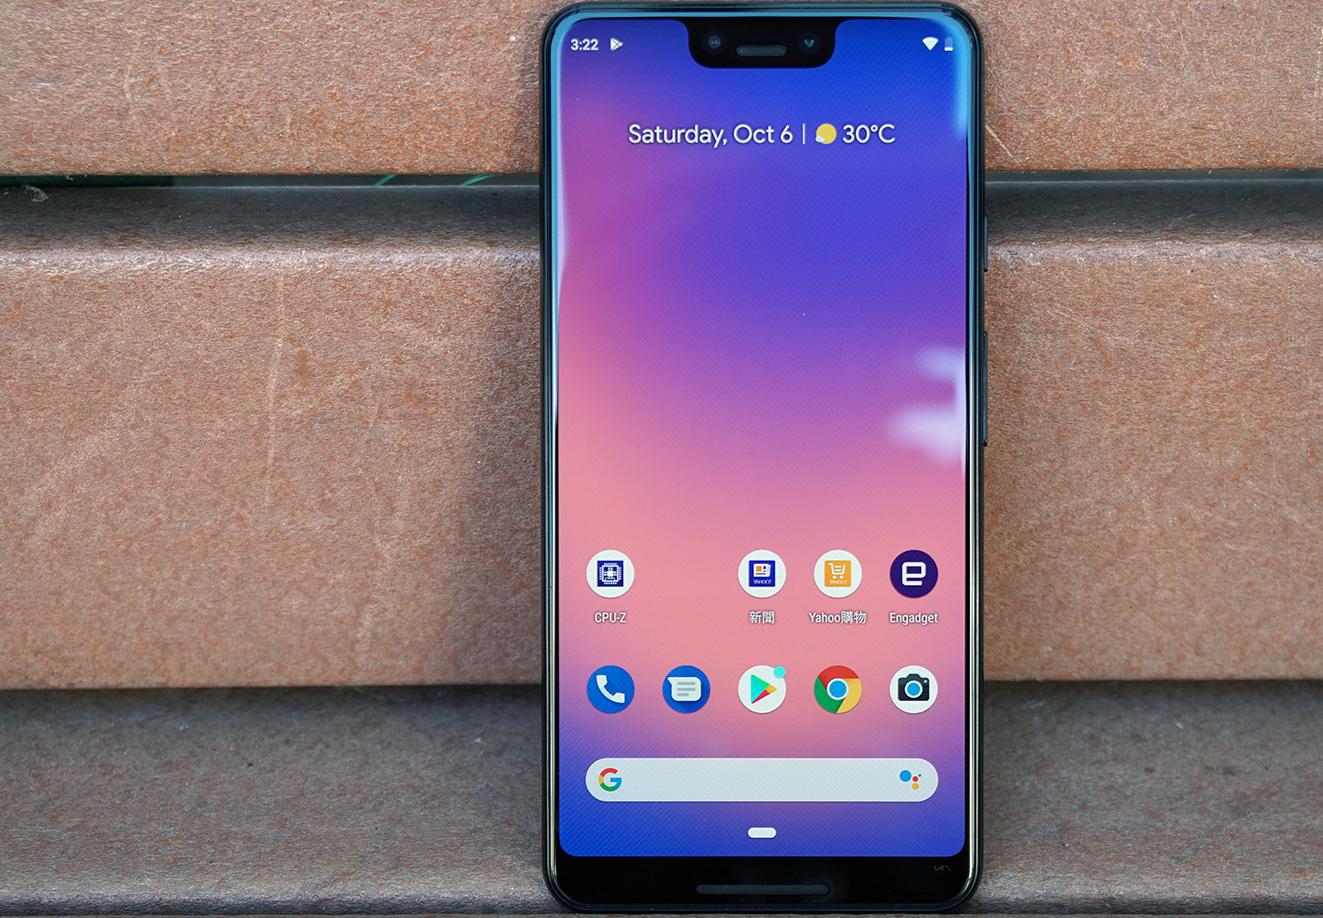 pixel 3 xl - الإعلان الرسمي عن الهاتفين الرائدين Google Pixel 3 و Google Pixel 3 XL